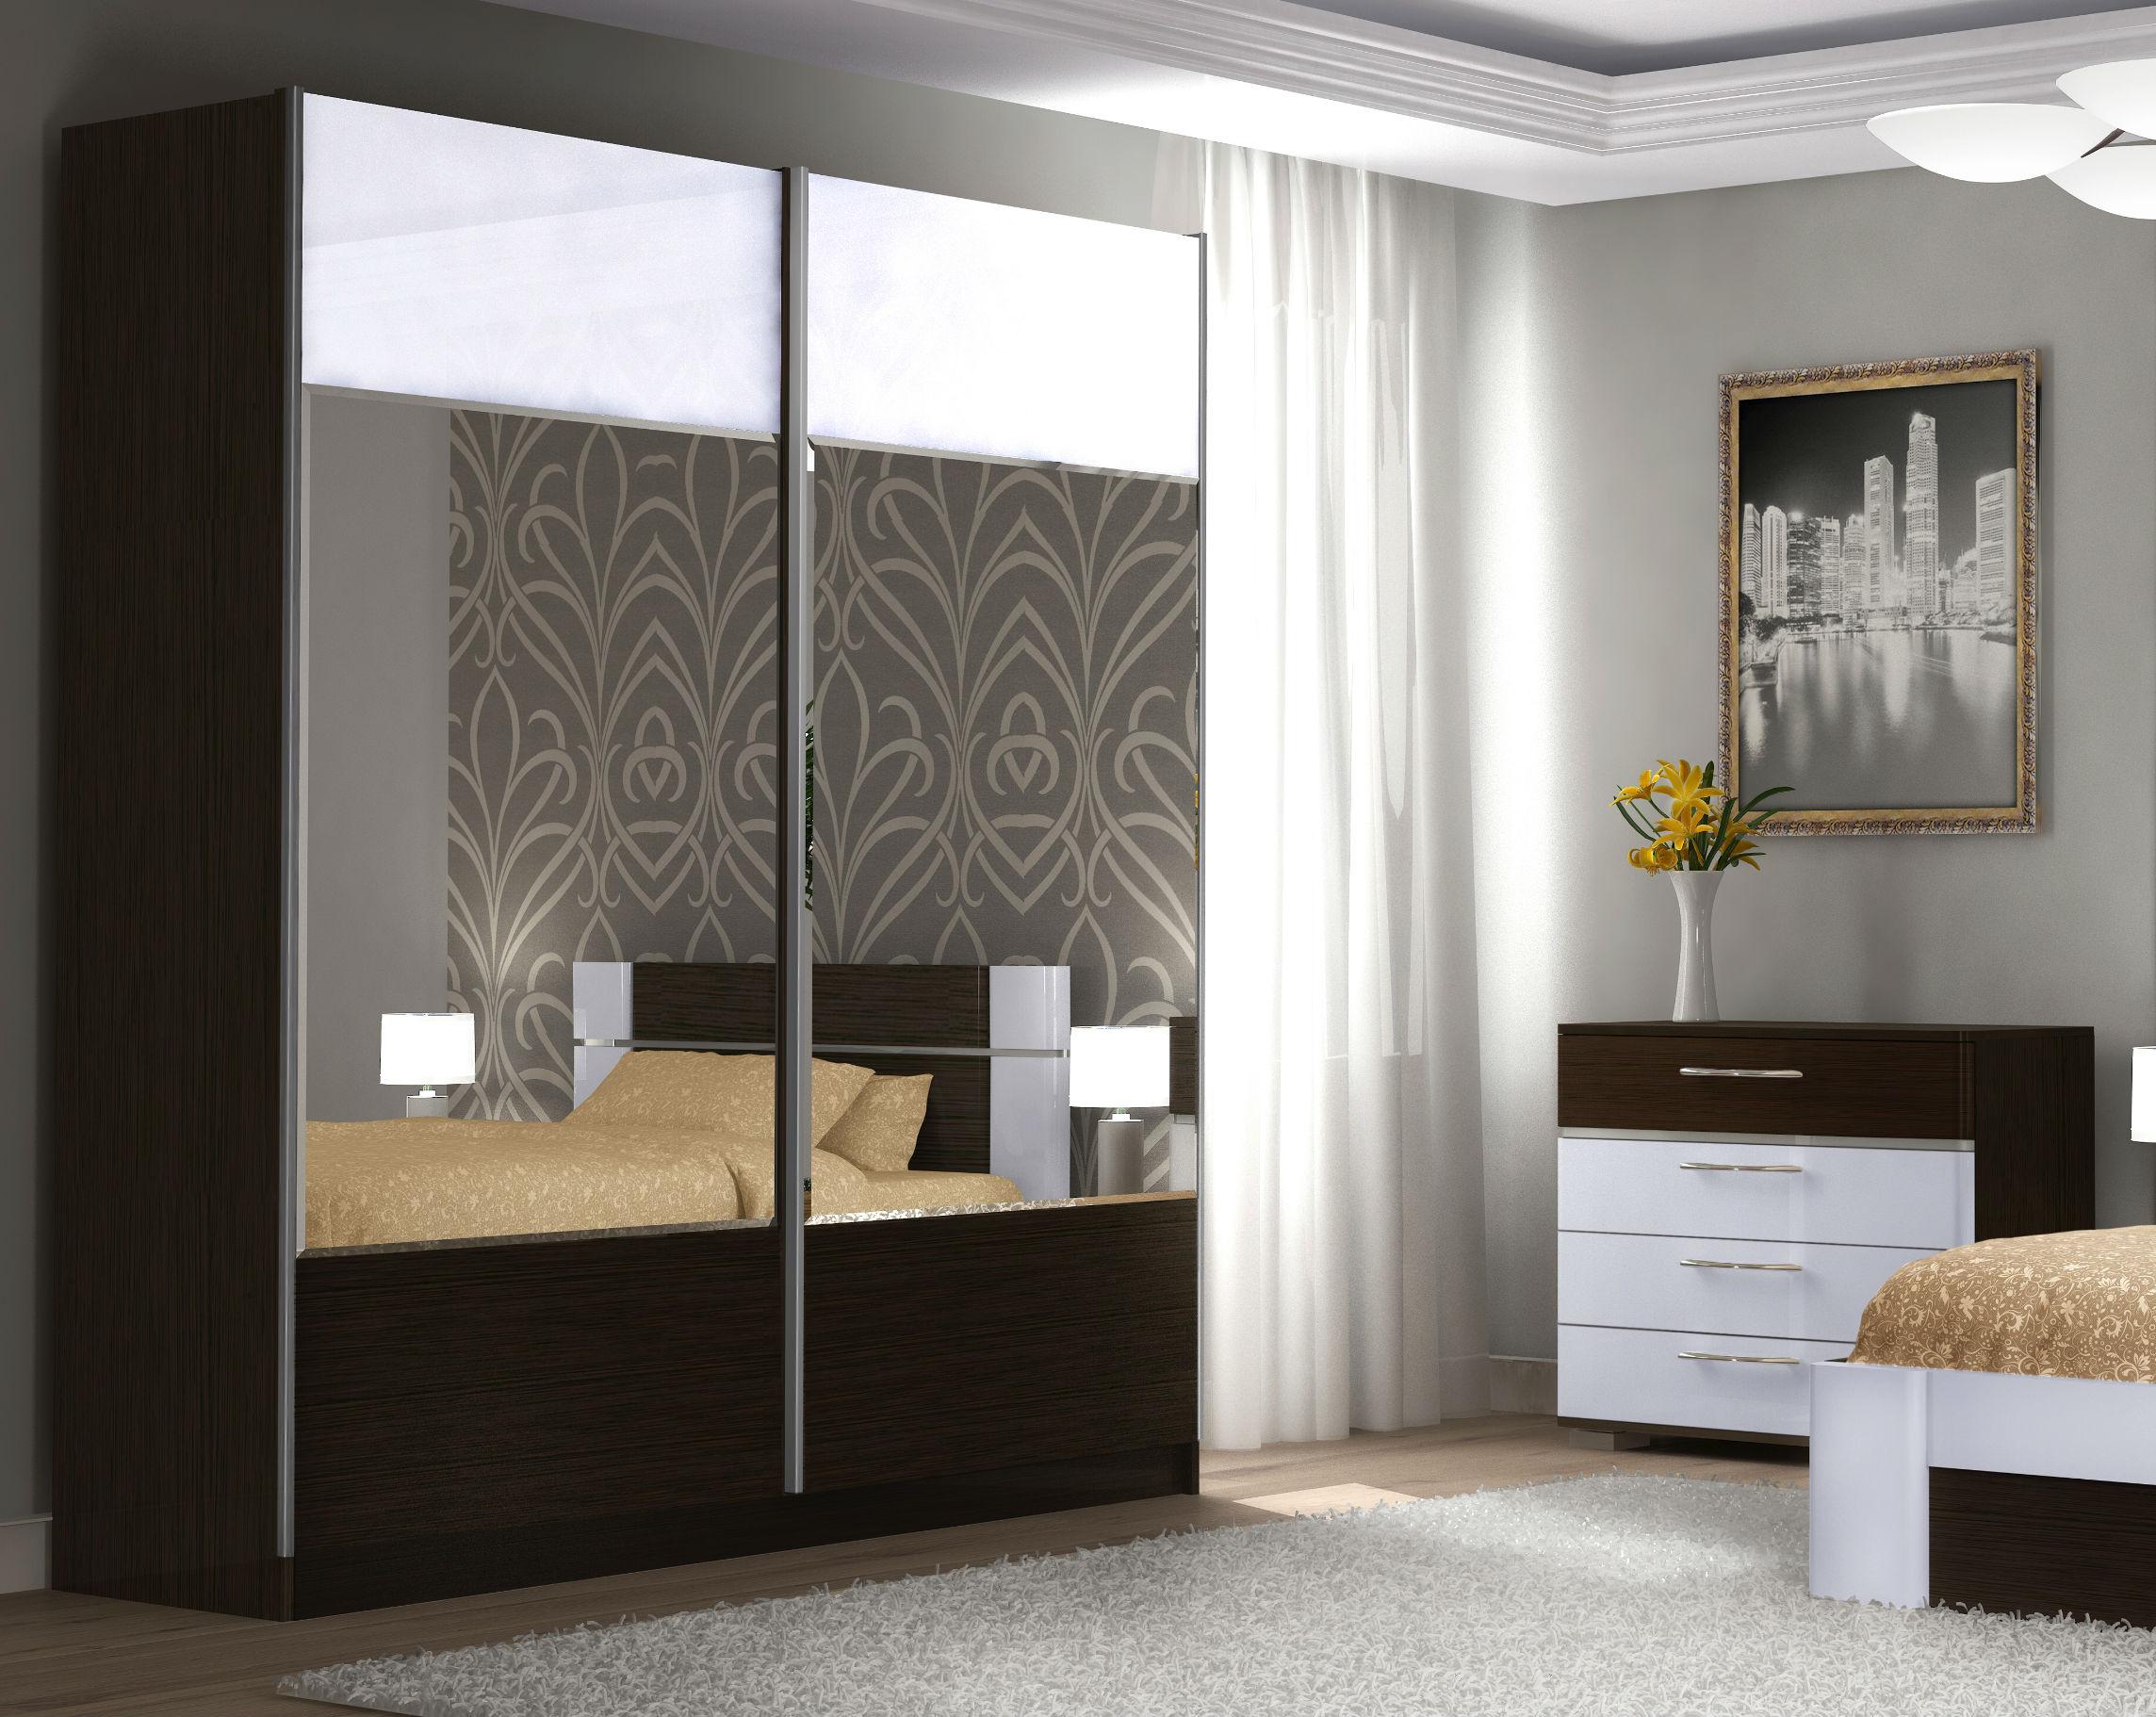 Мебель для спальни grande - мебель в омске.